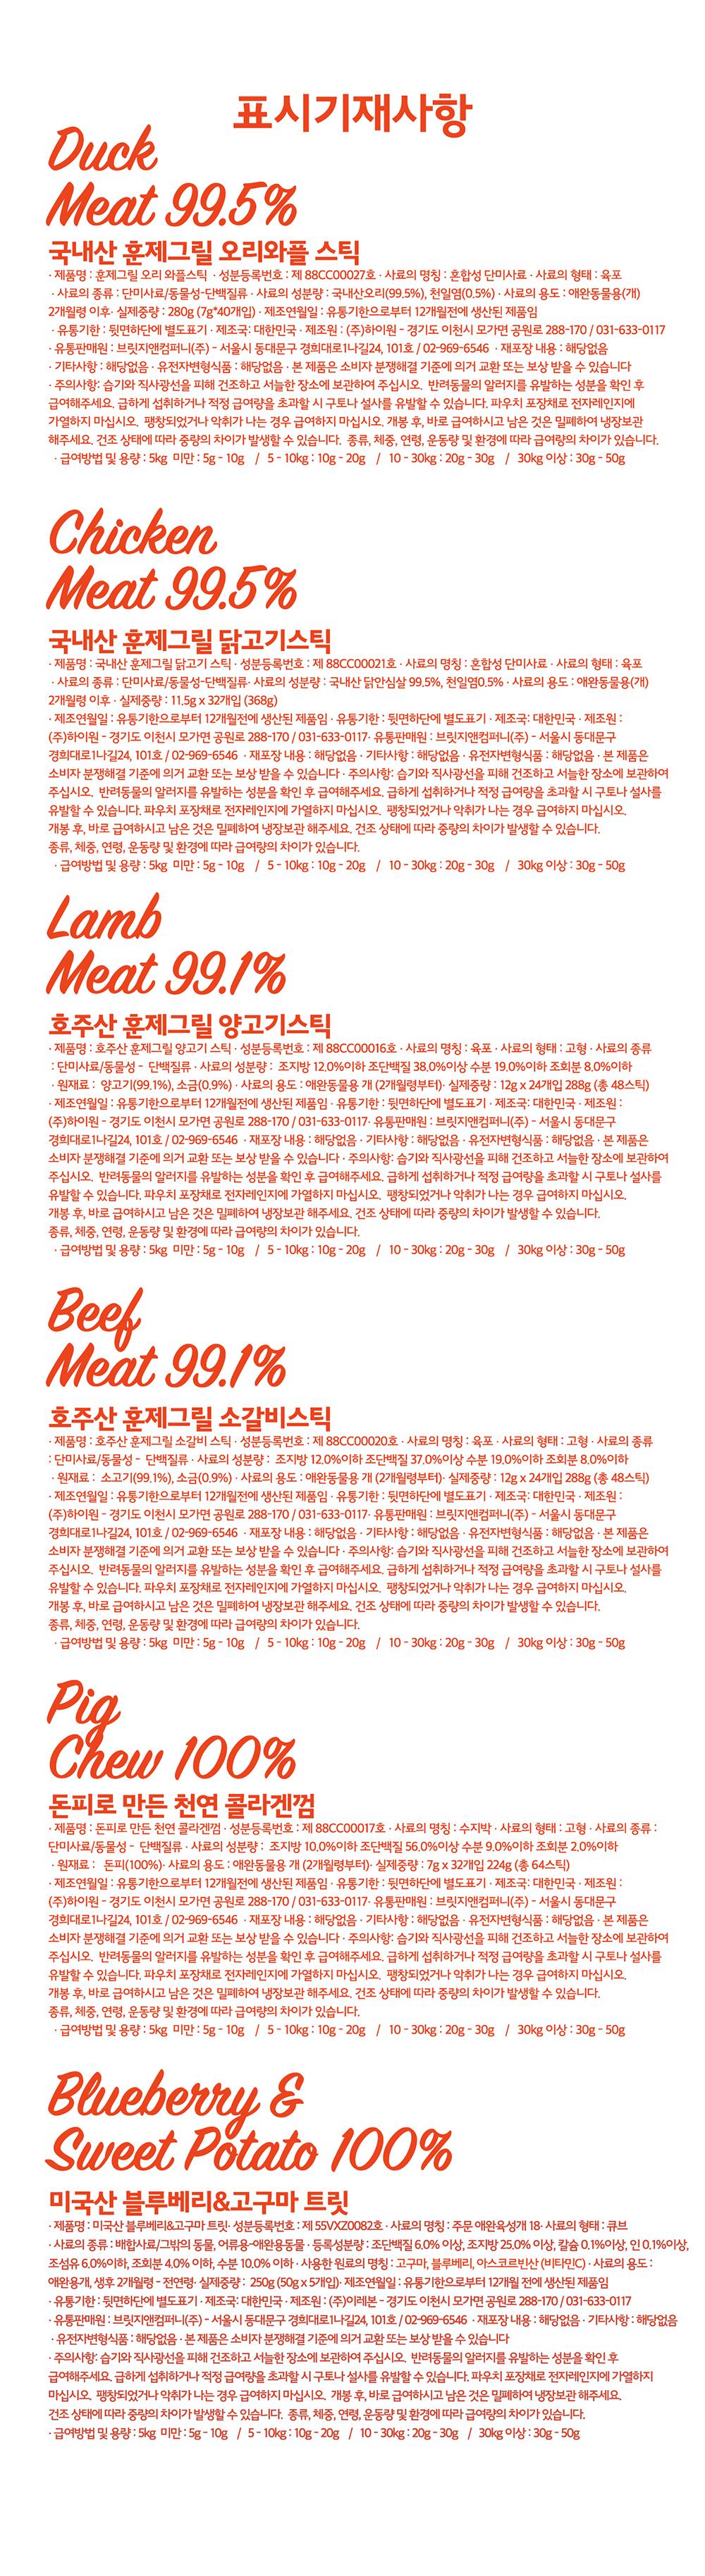 [초대용량] 강아지블루베리 고구마 동결건조 트릿250g - 오래오래 프로젝트, 22,000원, 간식/영양제, 수제간식